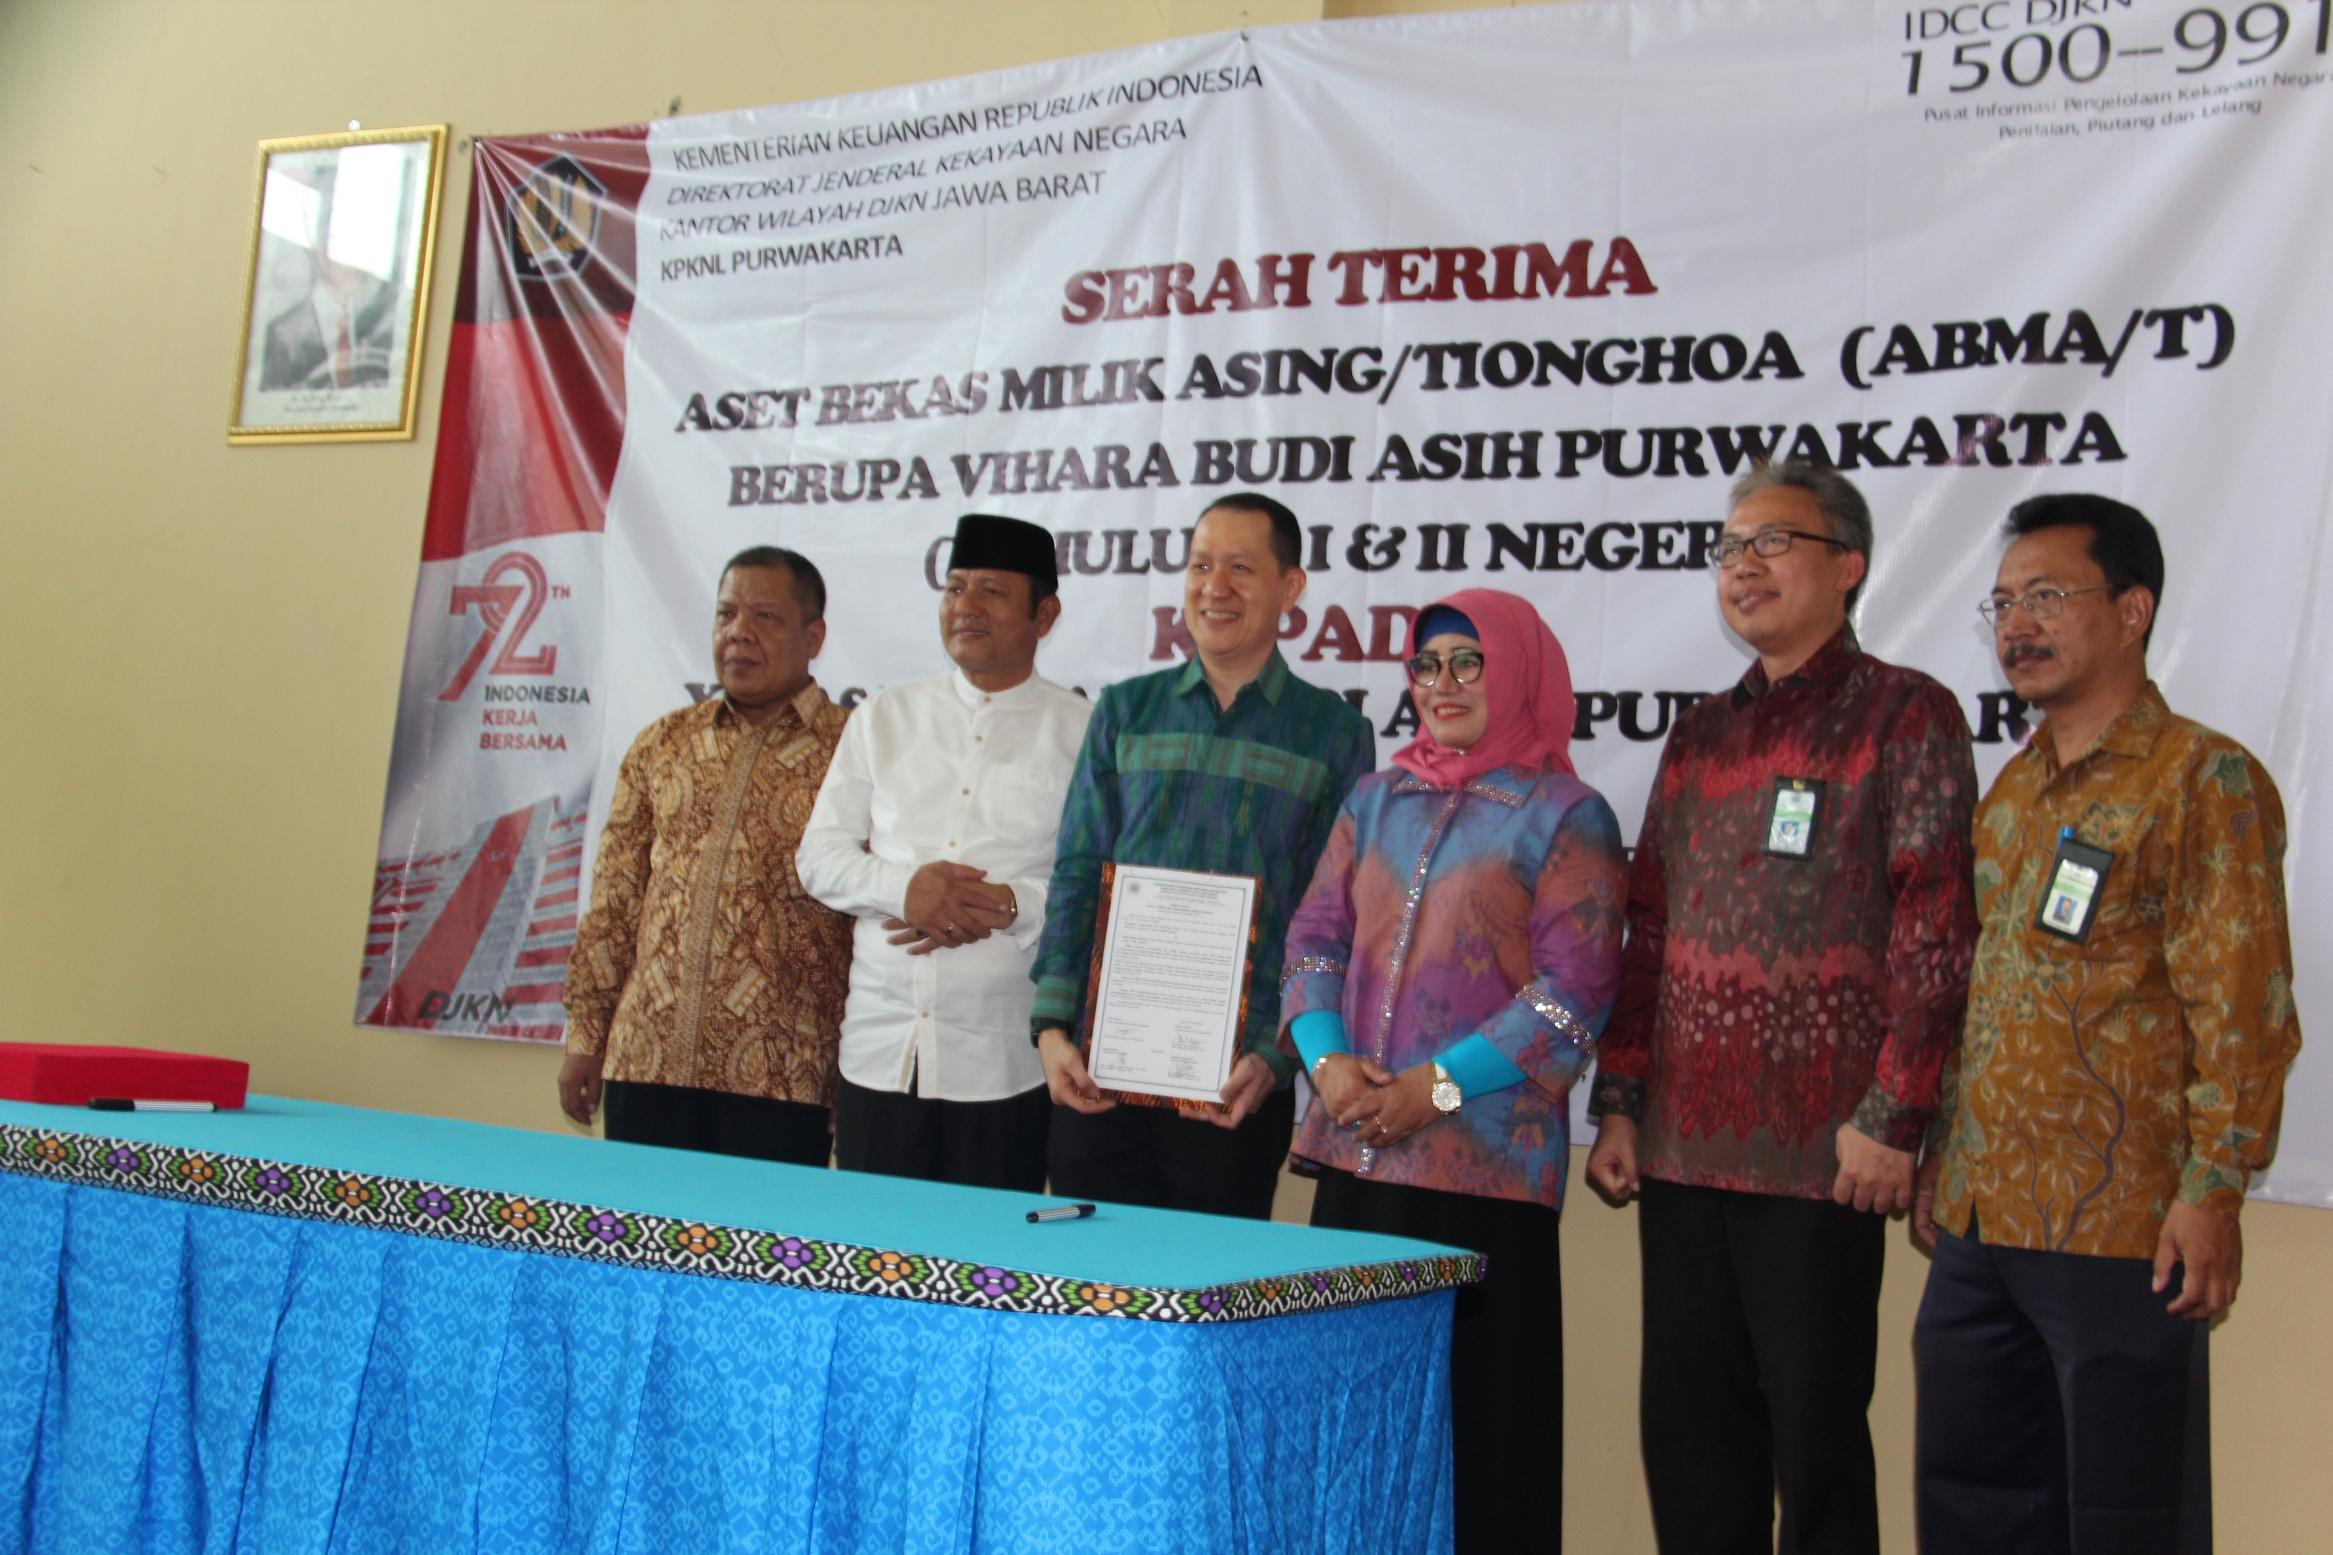 Kepala Kanwil DJKN Jawa Barat Serahkan Aset Bekas Milik Asing/Tionghoa untuk Rumah Ibadah